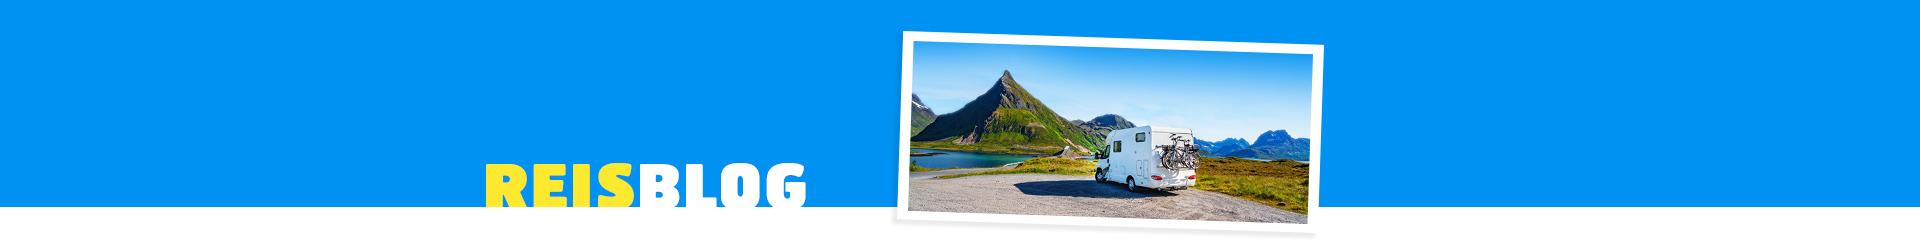 Camper, met daaromheen prachtig groen landschap en een blauw meer!